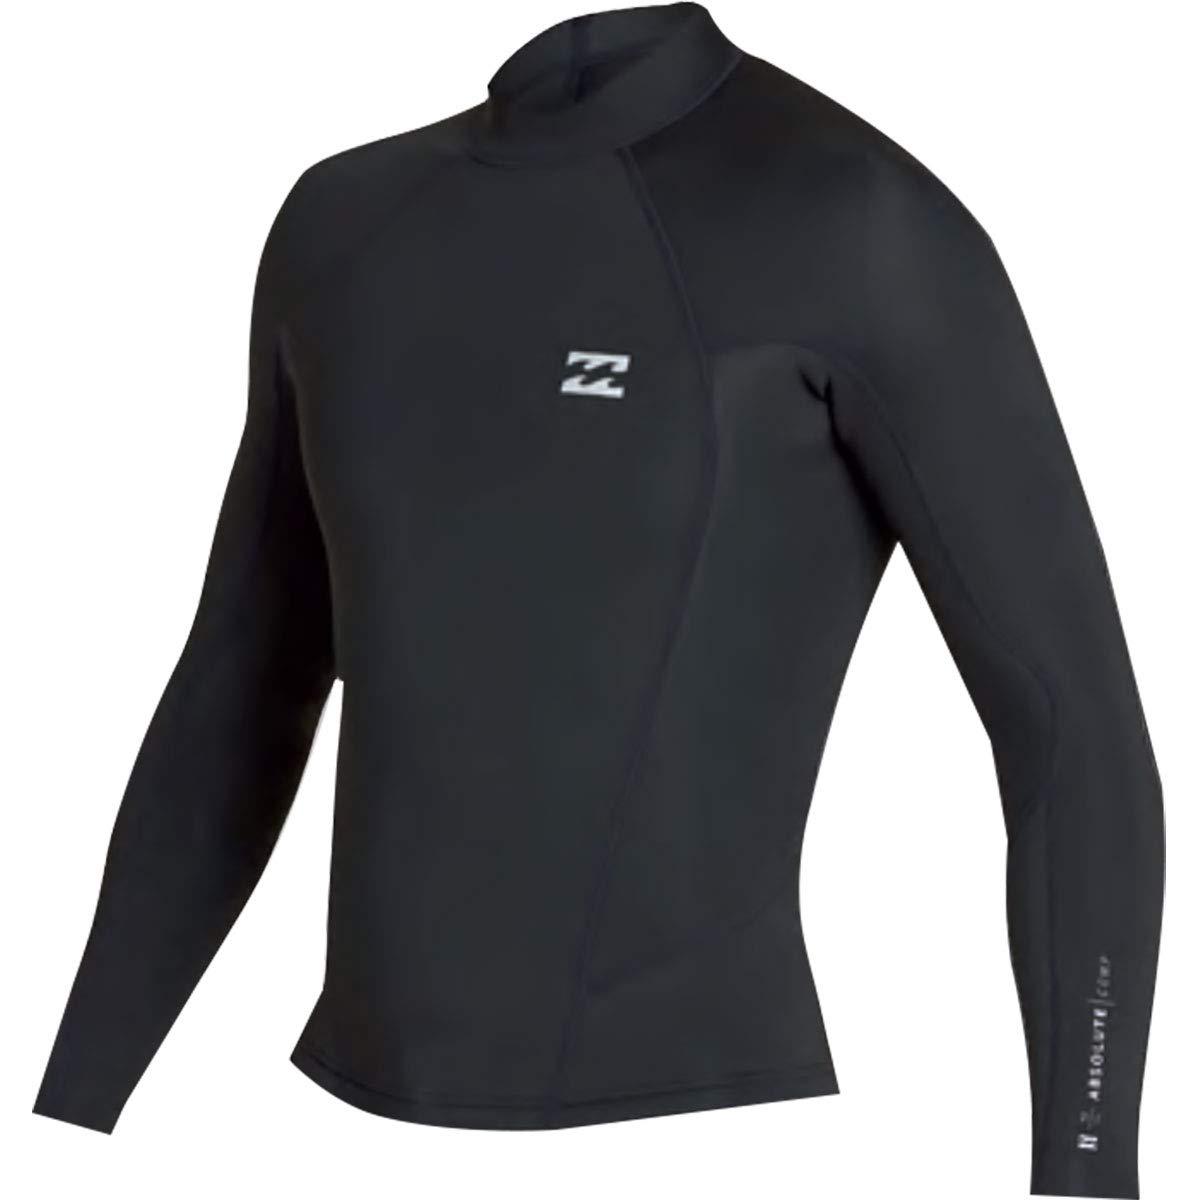 Billabong 202 Absolute Comp Men's Jacket Wetsuits - Black/Medium by Billabong